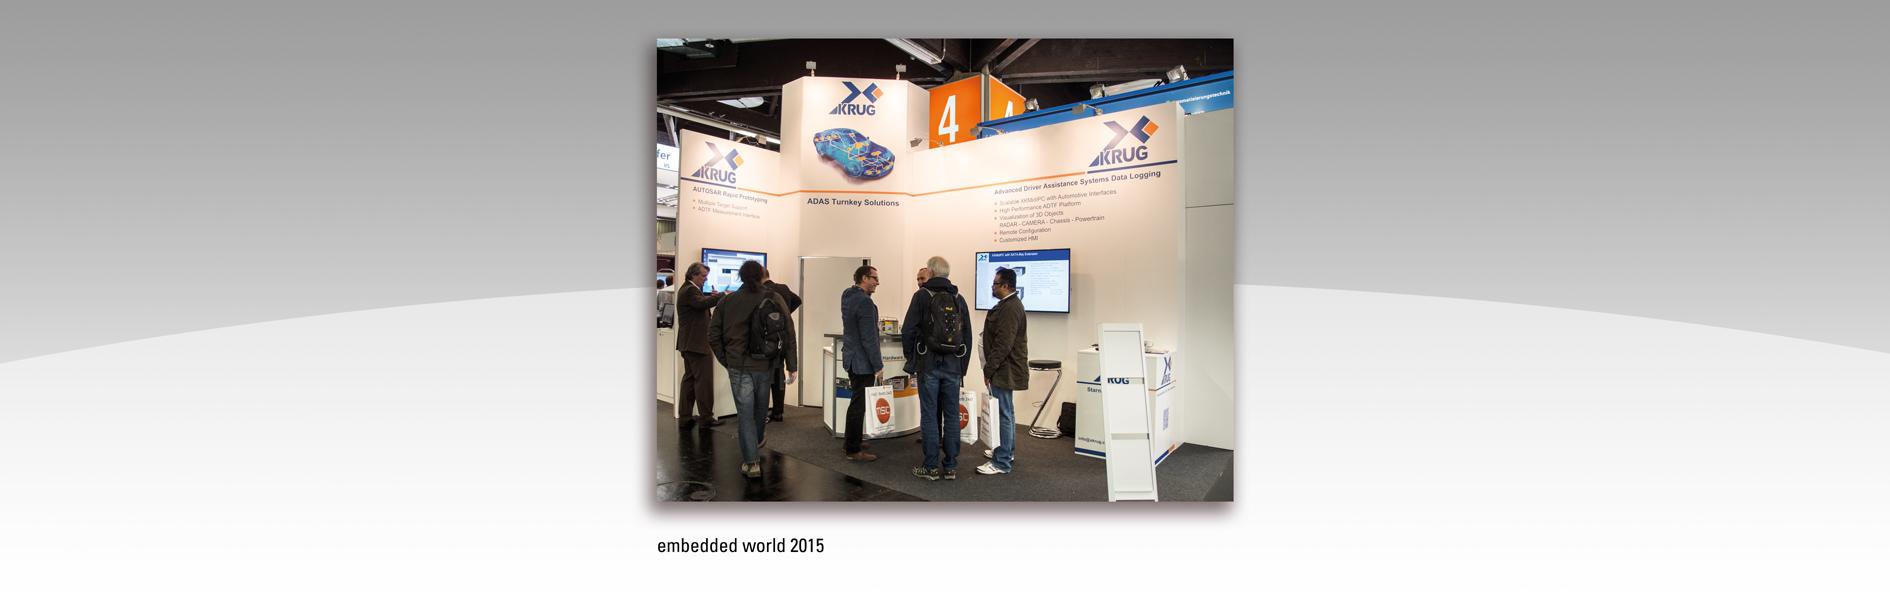 Hier ist der XKrug Messestand der embedded world 2015 zu sehen.